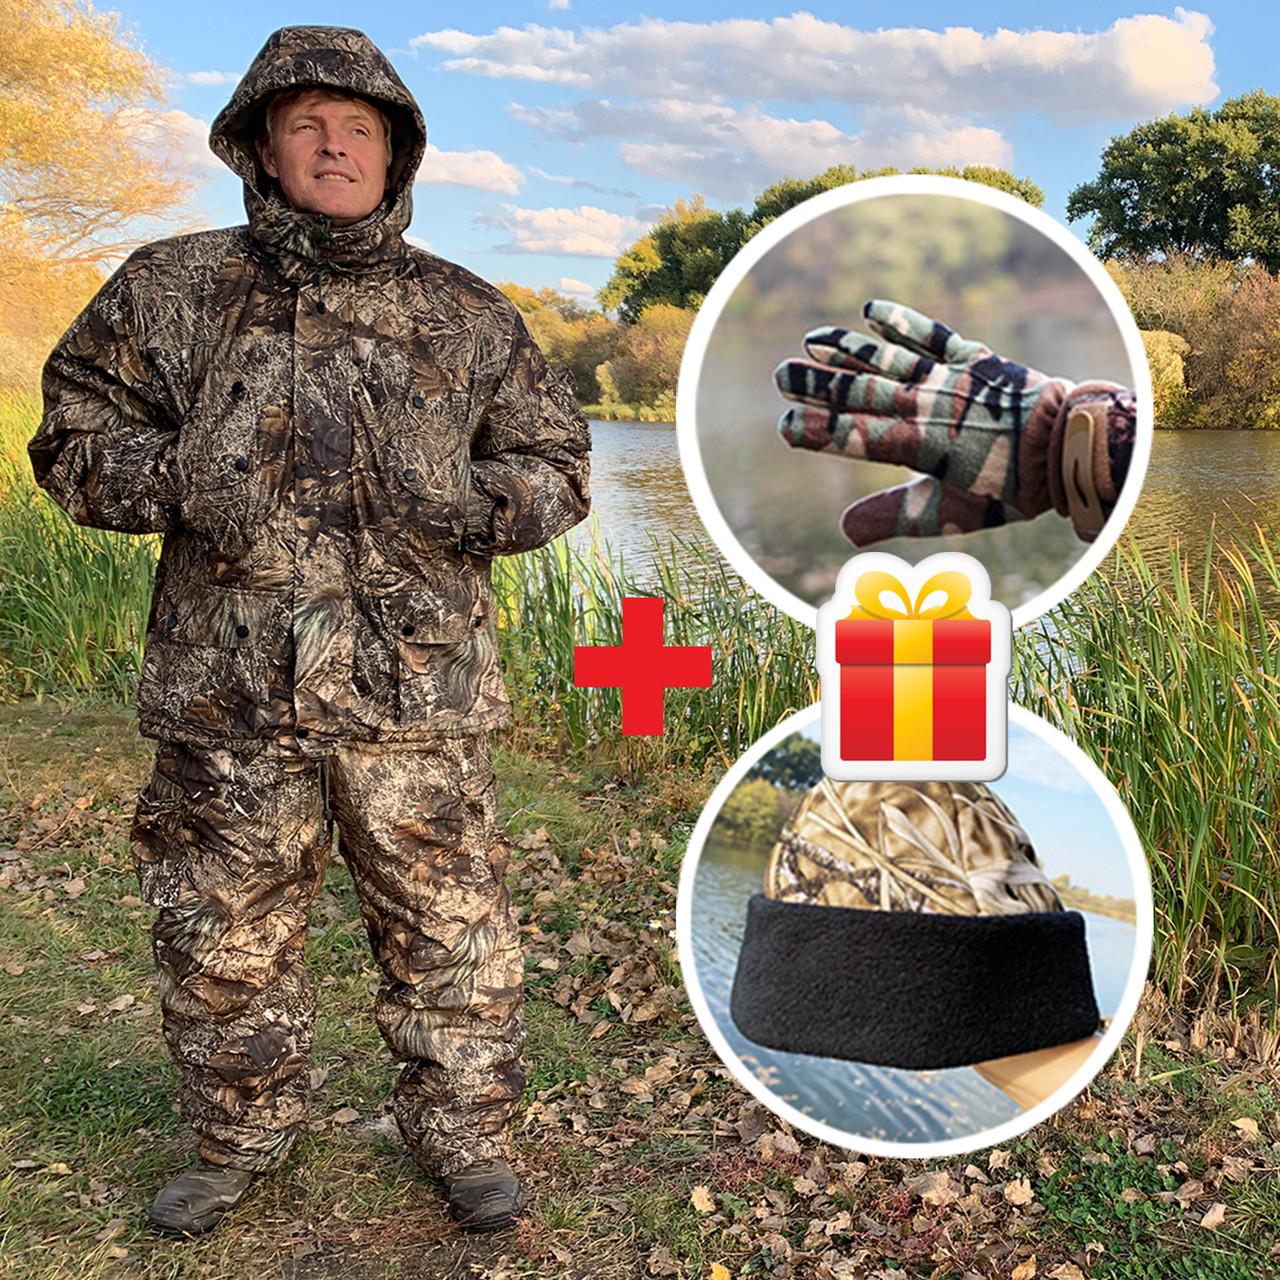 """Зимовий костюм до -40° """"Mavens Зубр"""" Хаща, для риболовлі, полювання, роботи в холоді, розмір 52-54 (031-0029)"""